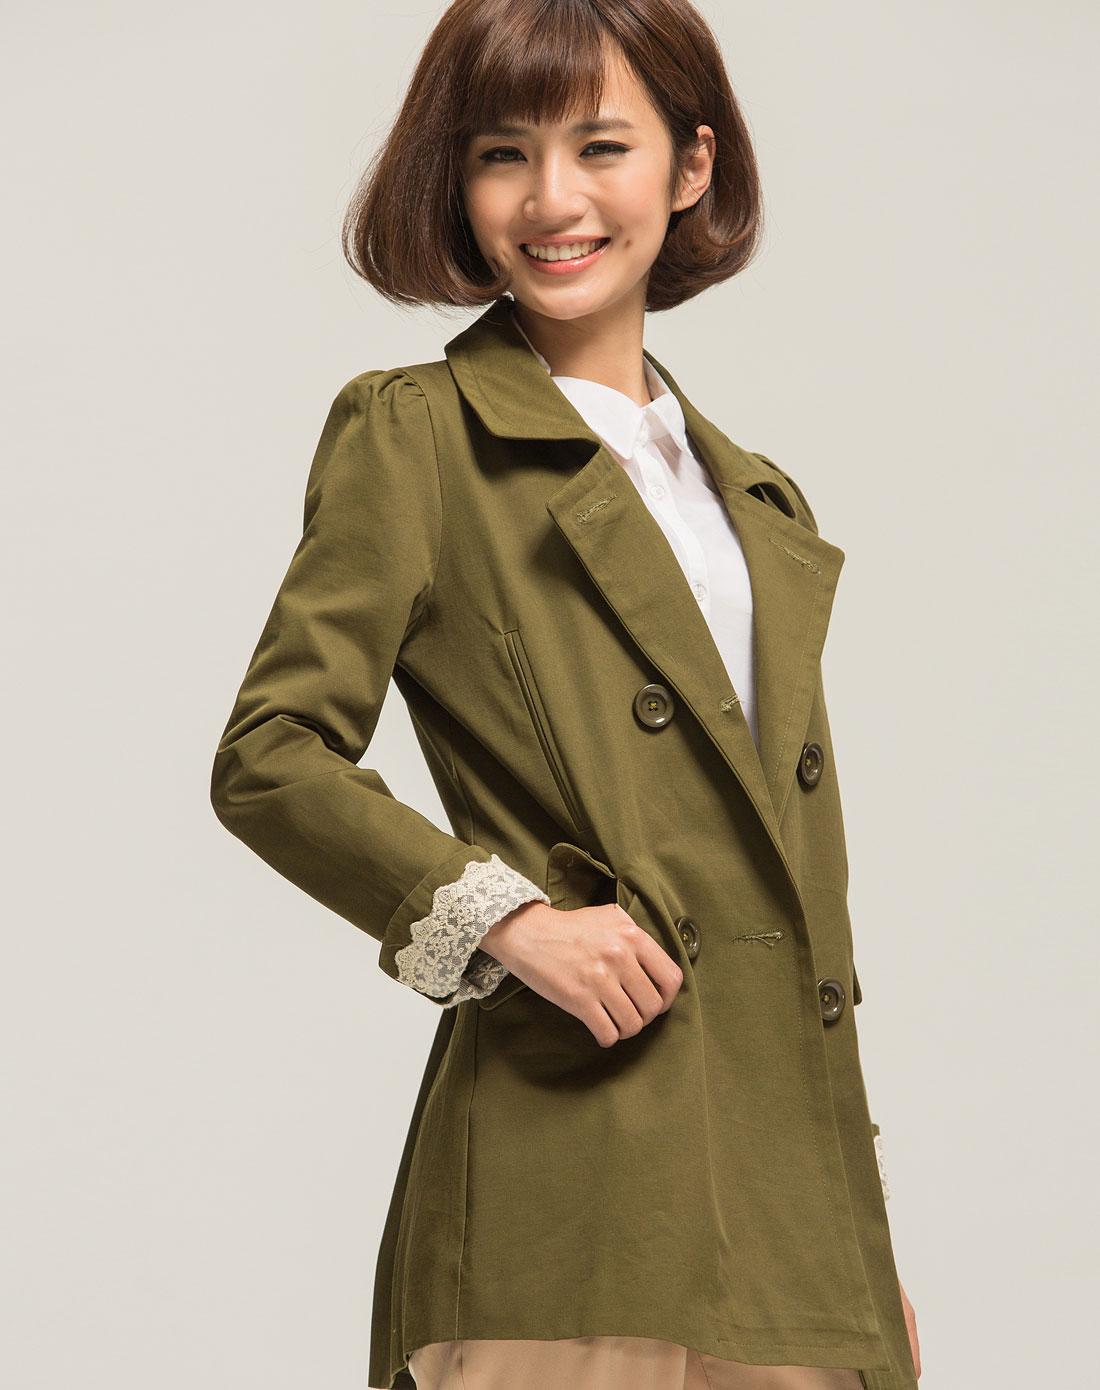 风衣女装_军绿色女装长袖风衣